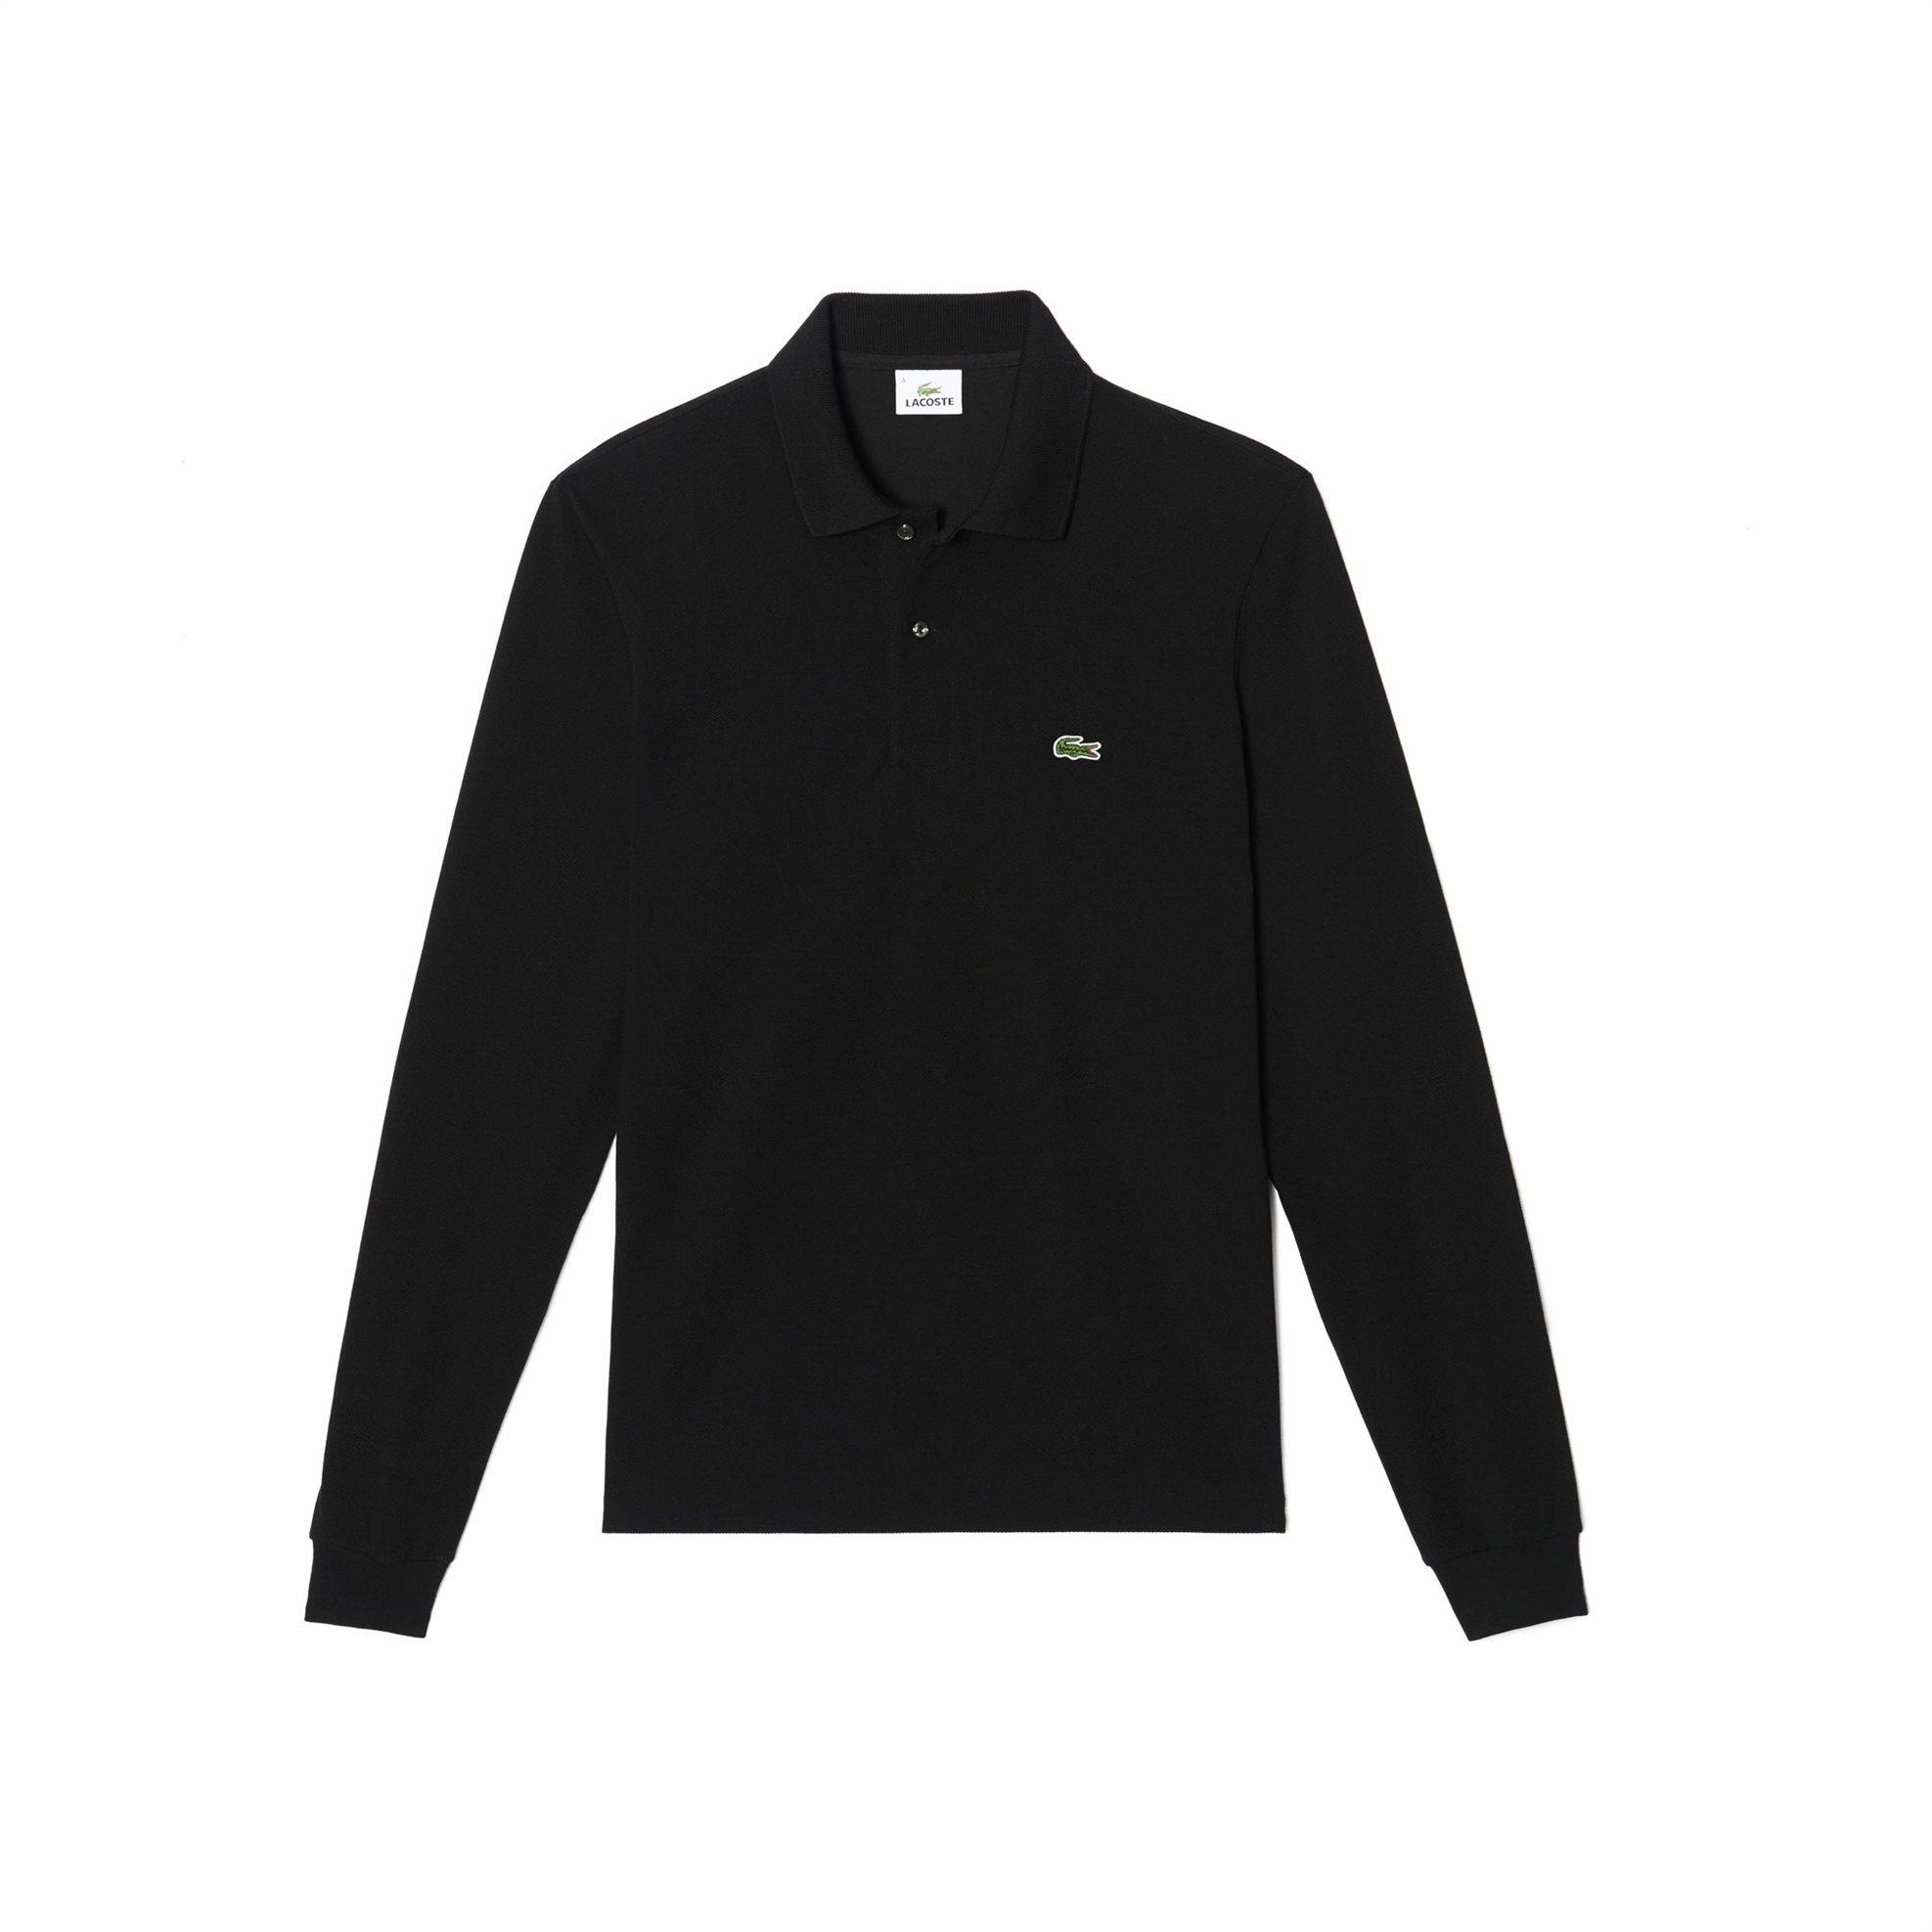 Lacoste ανδρική μπλούζα Polo L.12.12 με μακρύ μανίκι - L1312 - Μαύρο ανδρασ   ρουχα    νεεσ αφιξεισ   μπλούζες   πόλο